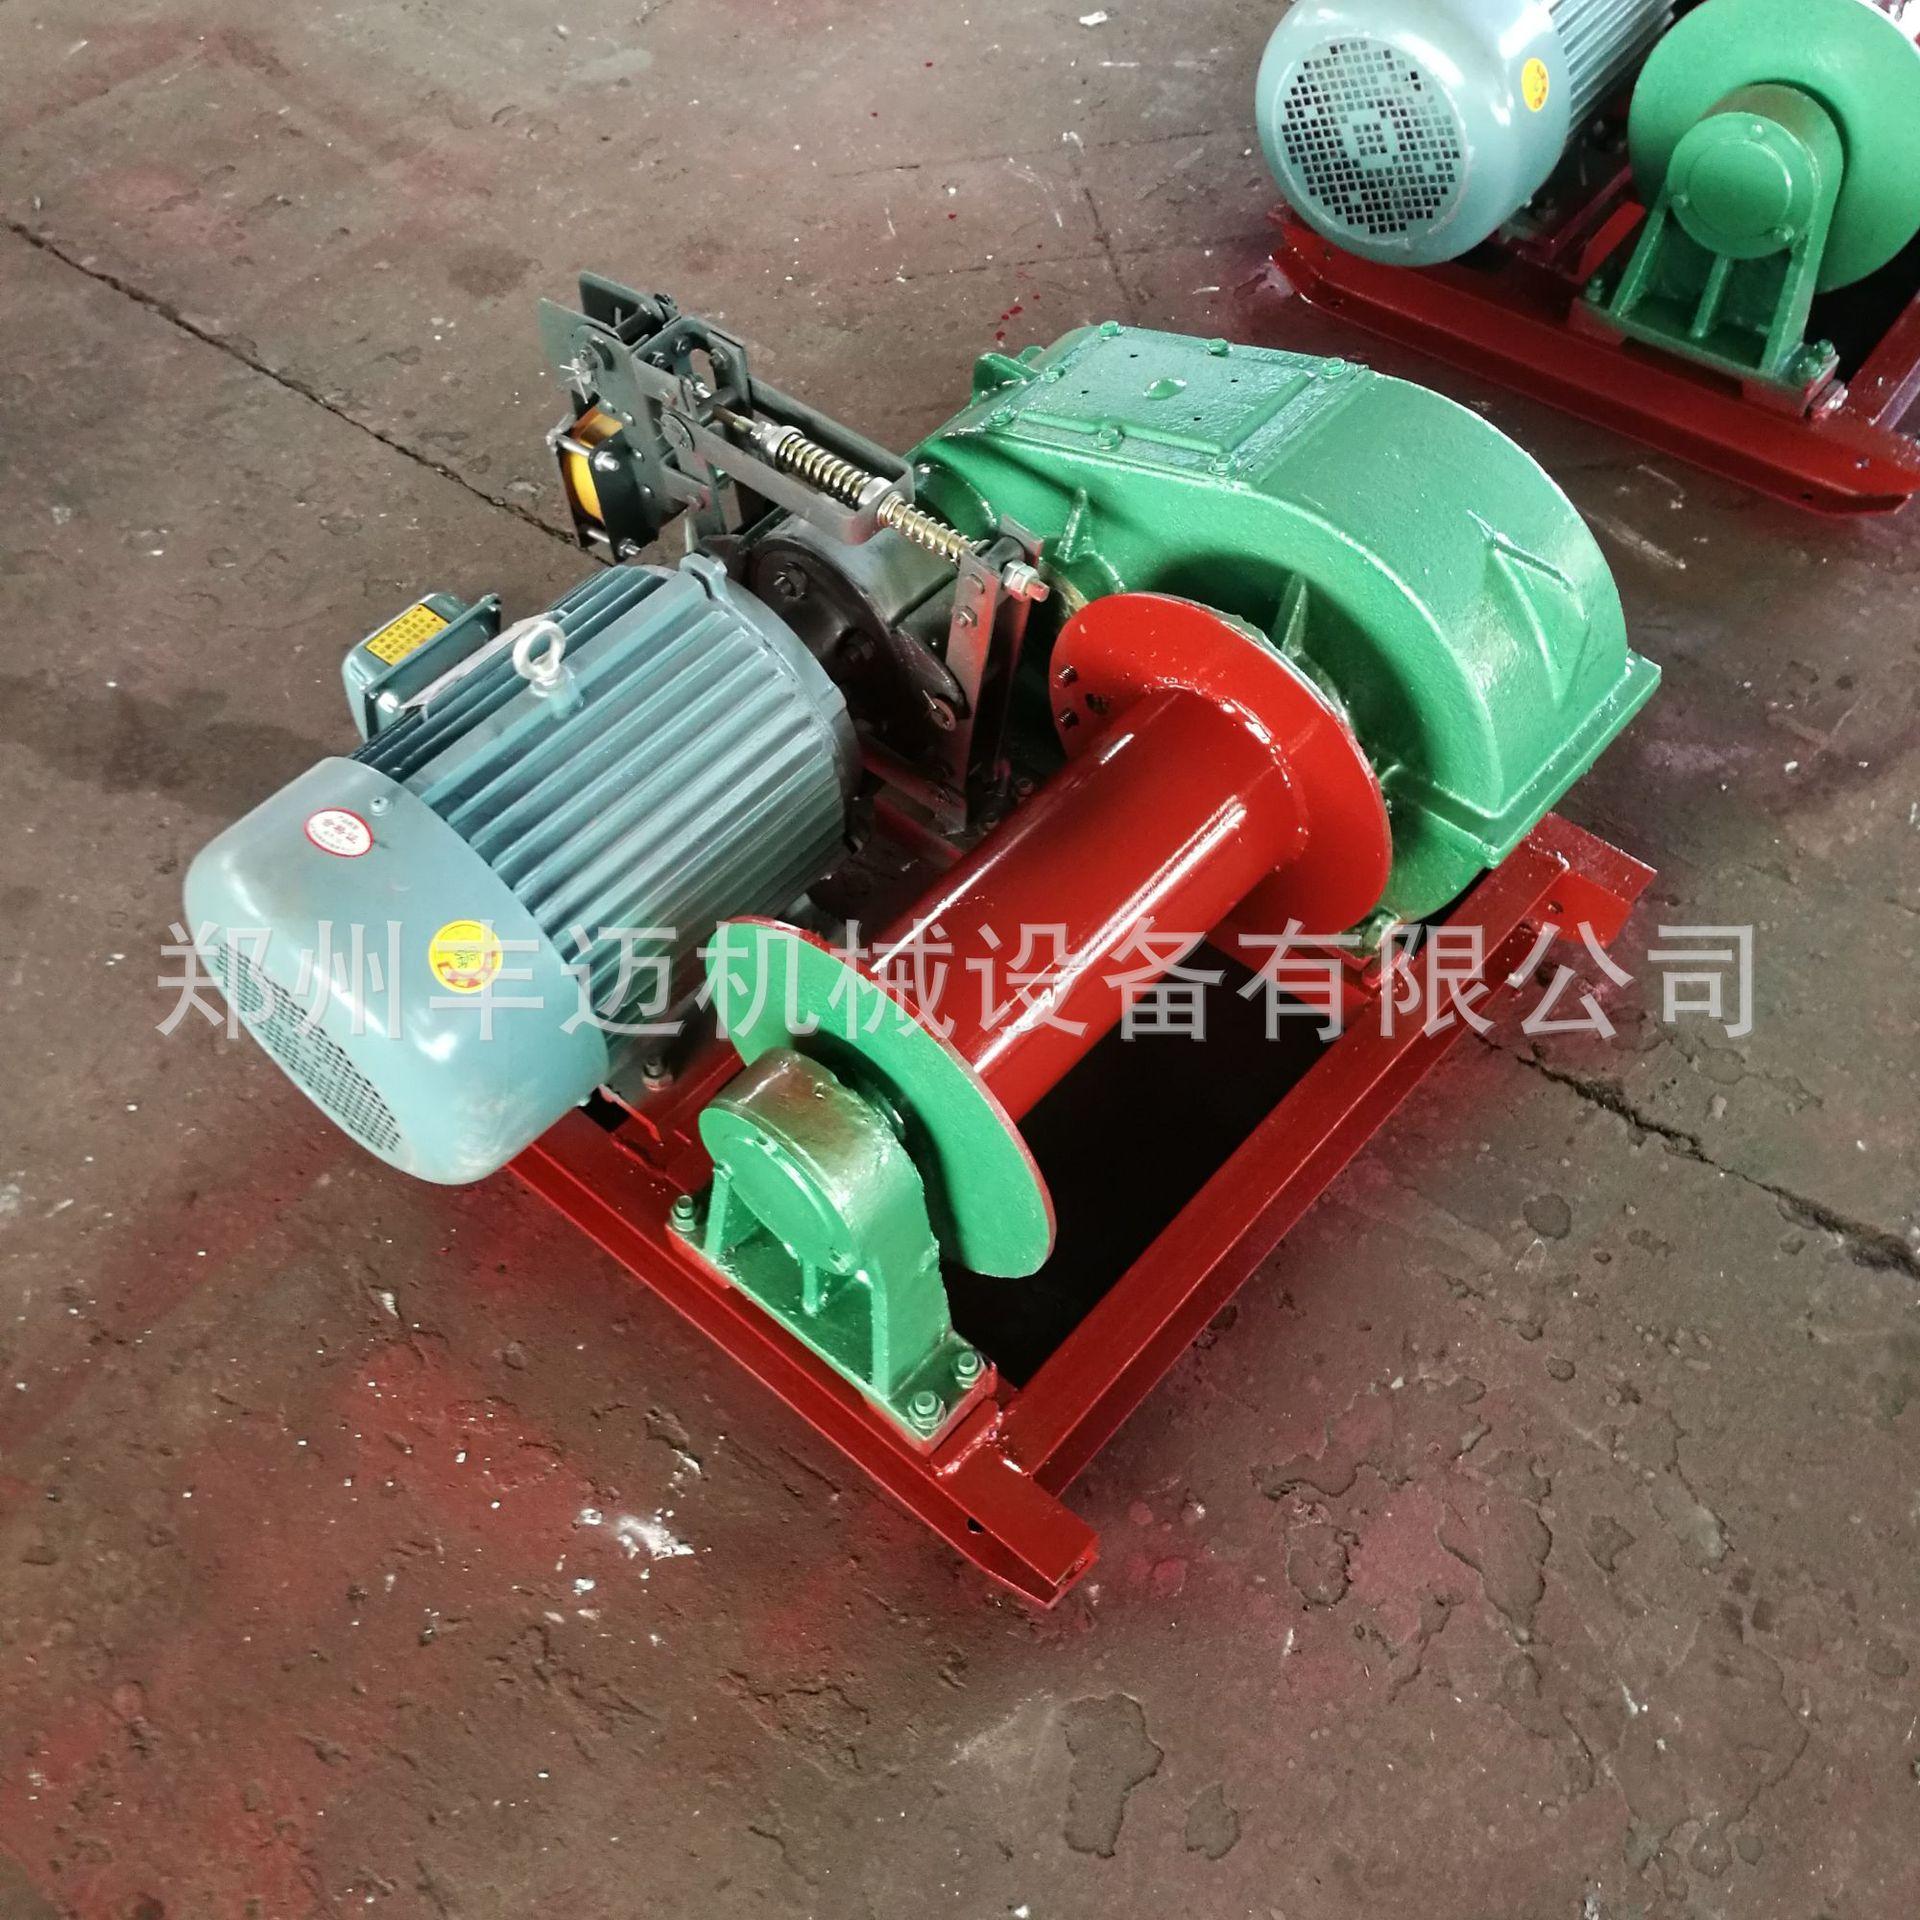 小型卧式5吨电动卷扬机 慢速垂直提升卷扬机 速度可控电动卷扬机